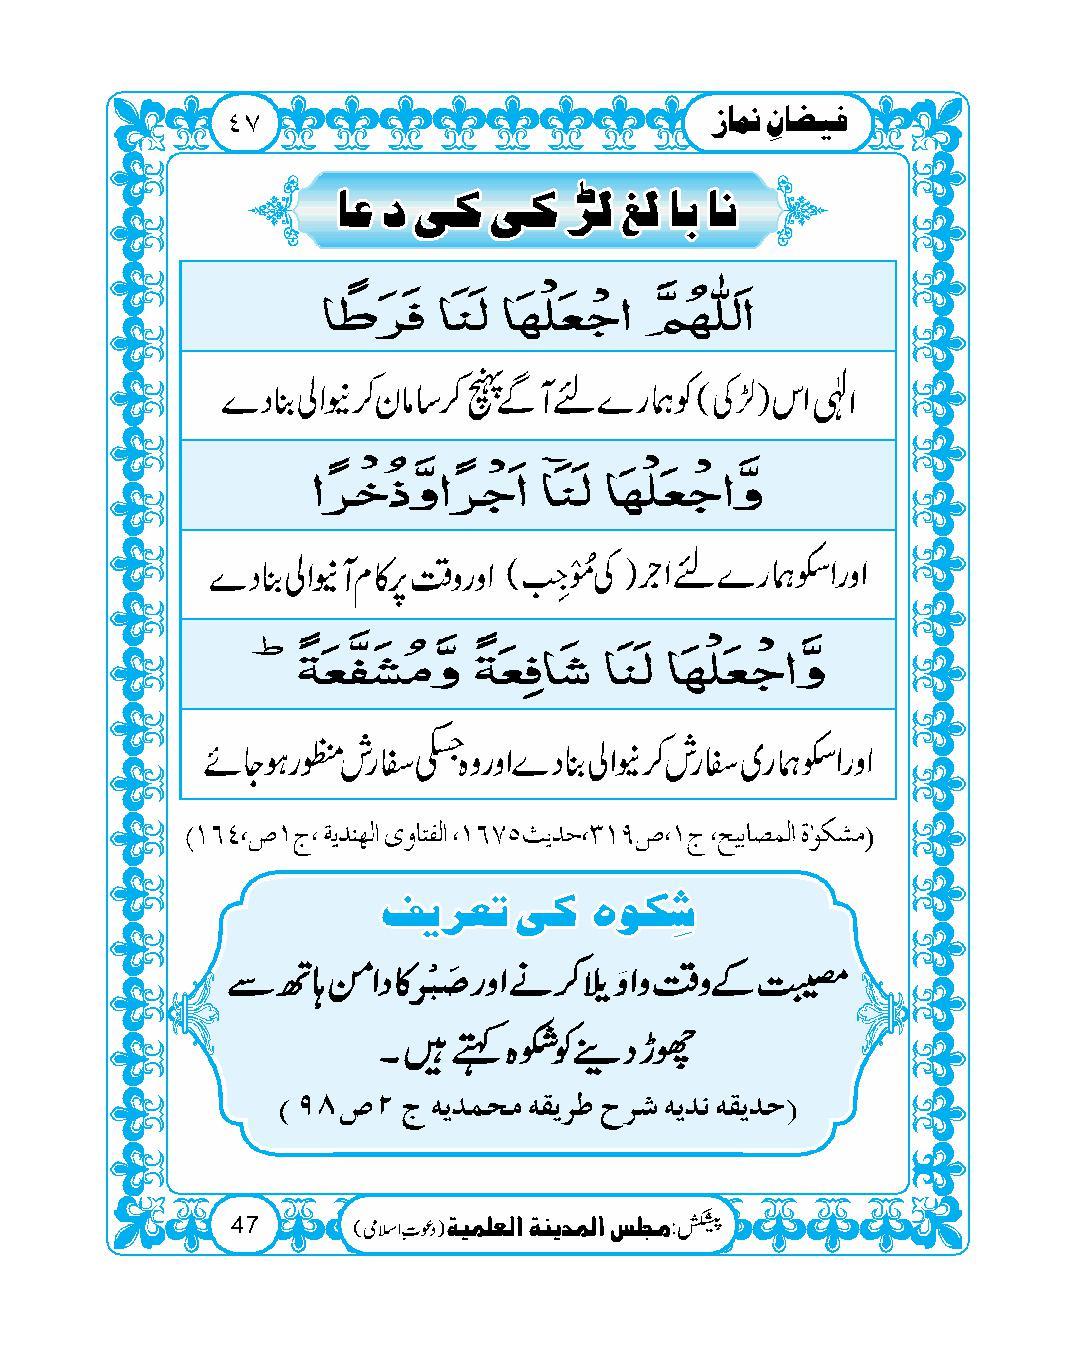 page No 47